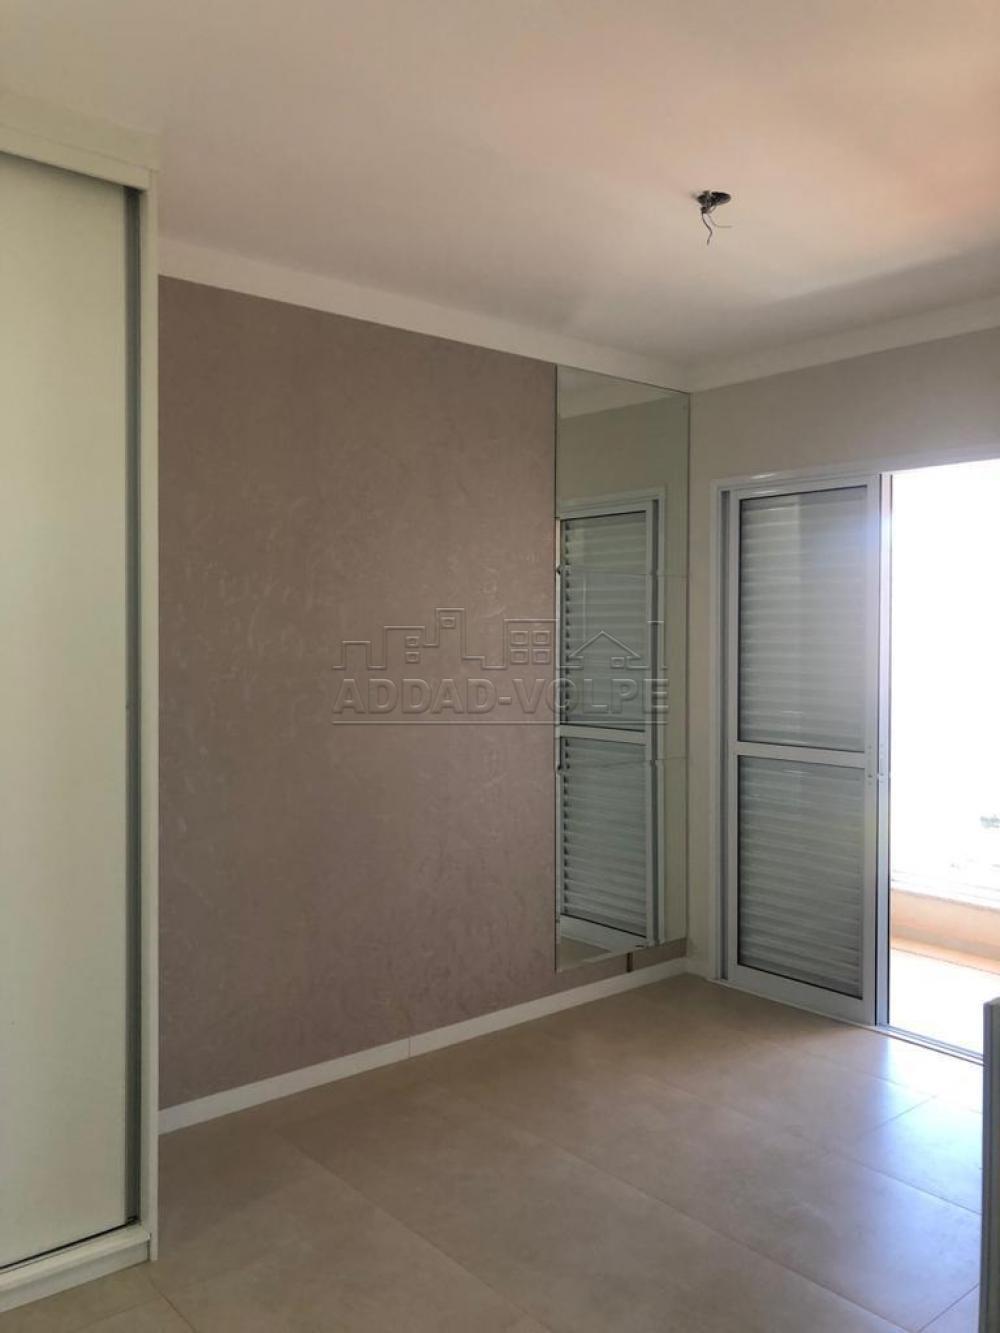 Comprar Apartamento / Padrão em Bauru R$ 990.000,00 - Foto 9